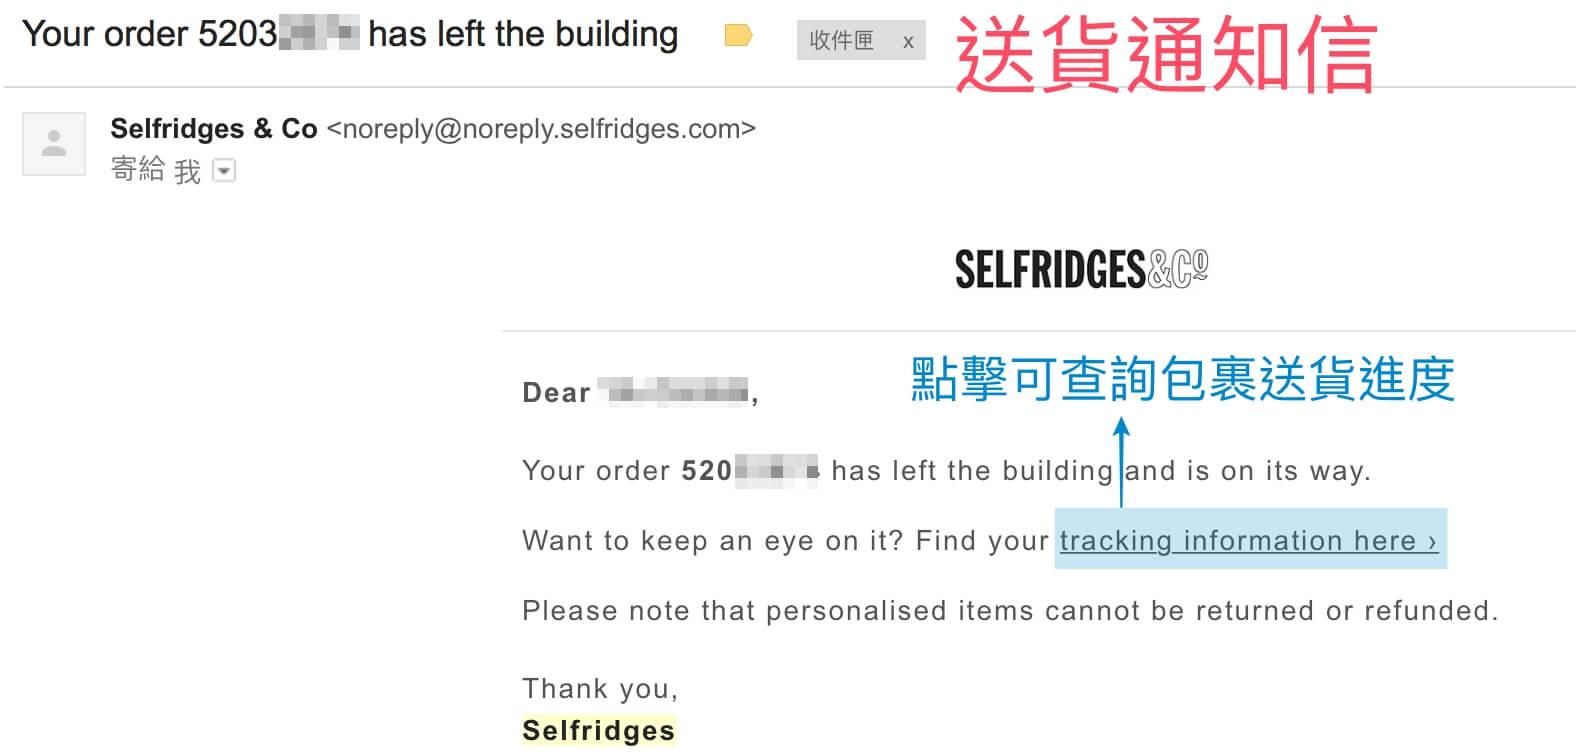 SELFRIDGES購物教學:送貨通知信